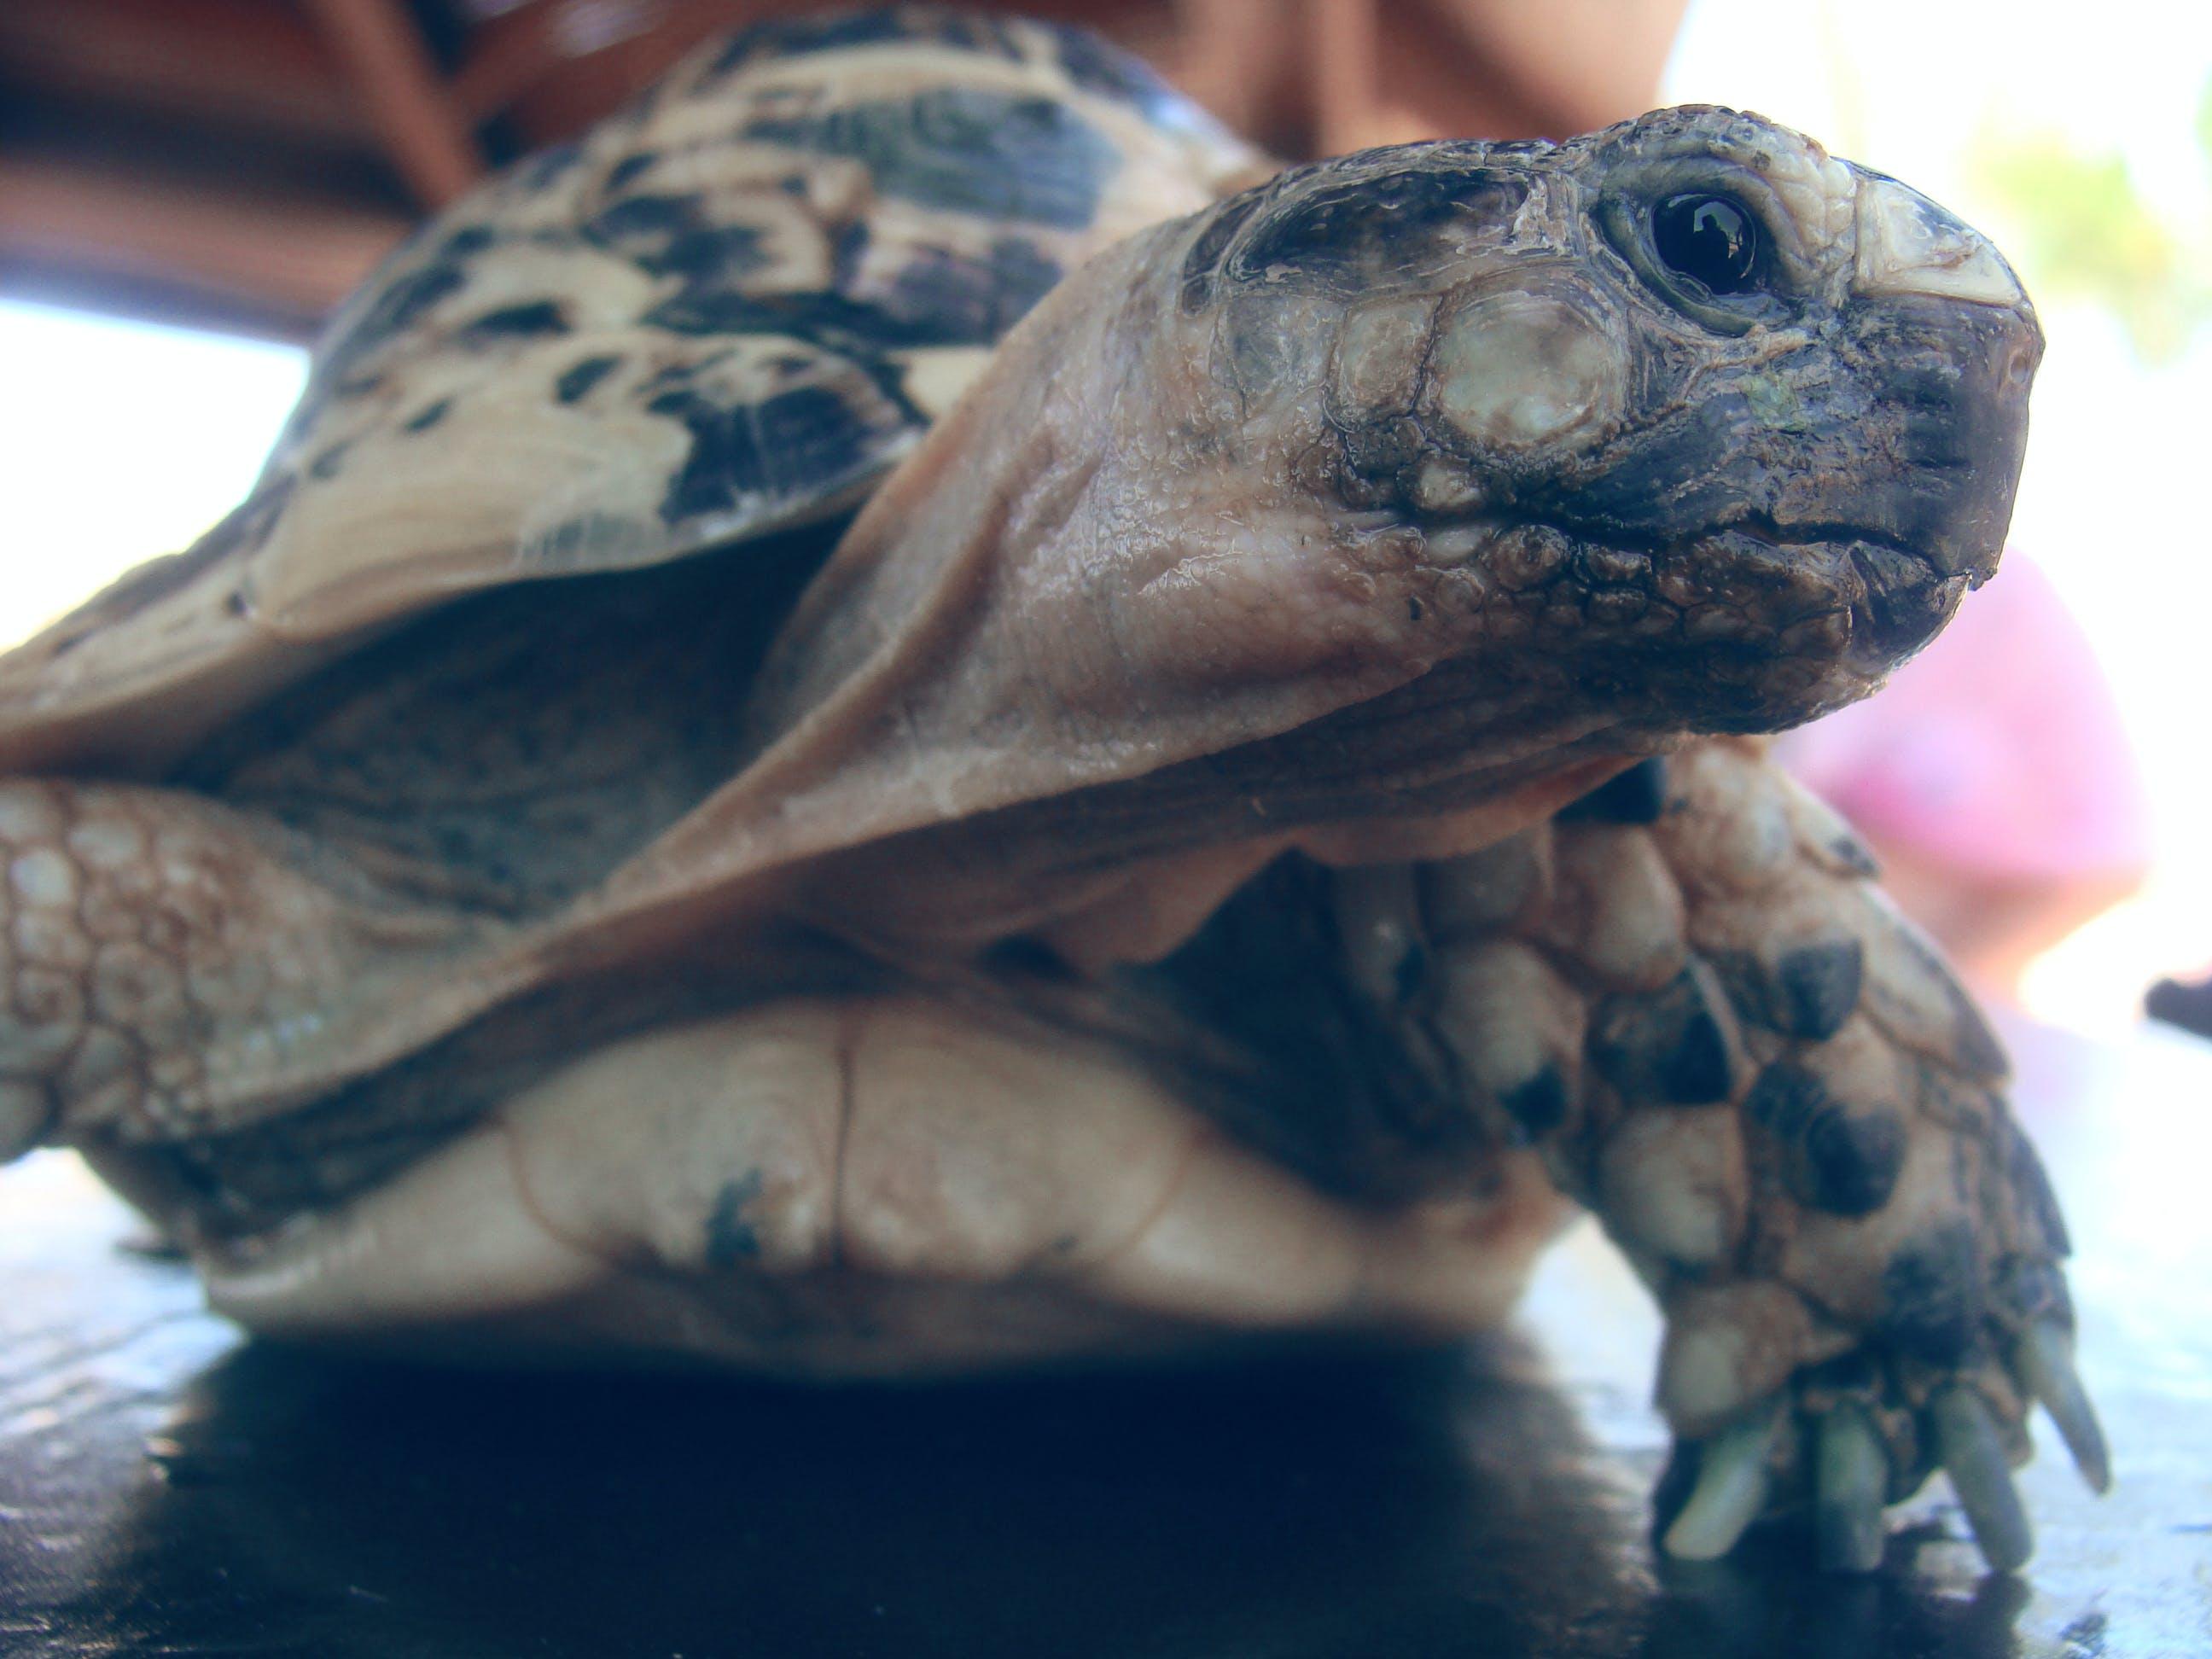 Kostenloses Stock Foto zu falten, nahaufnahme, natur, schildkröte